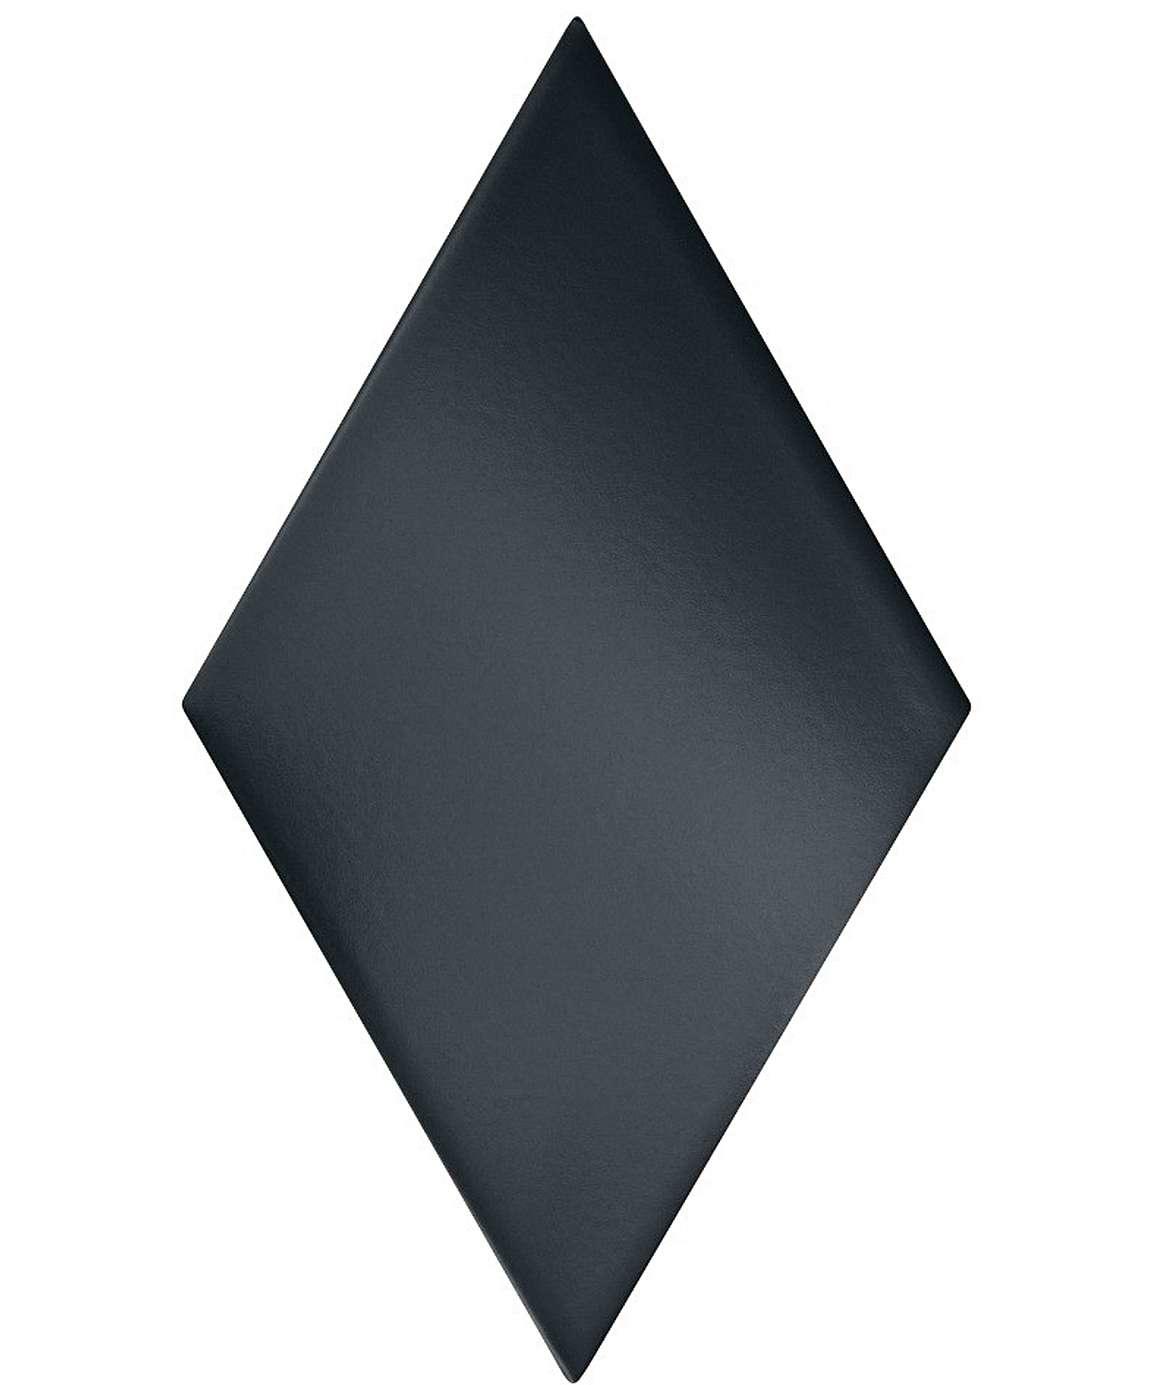 Truth Black Diamond Ceramic Tile